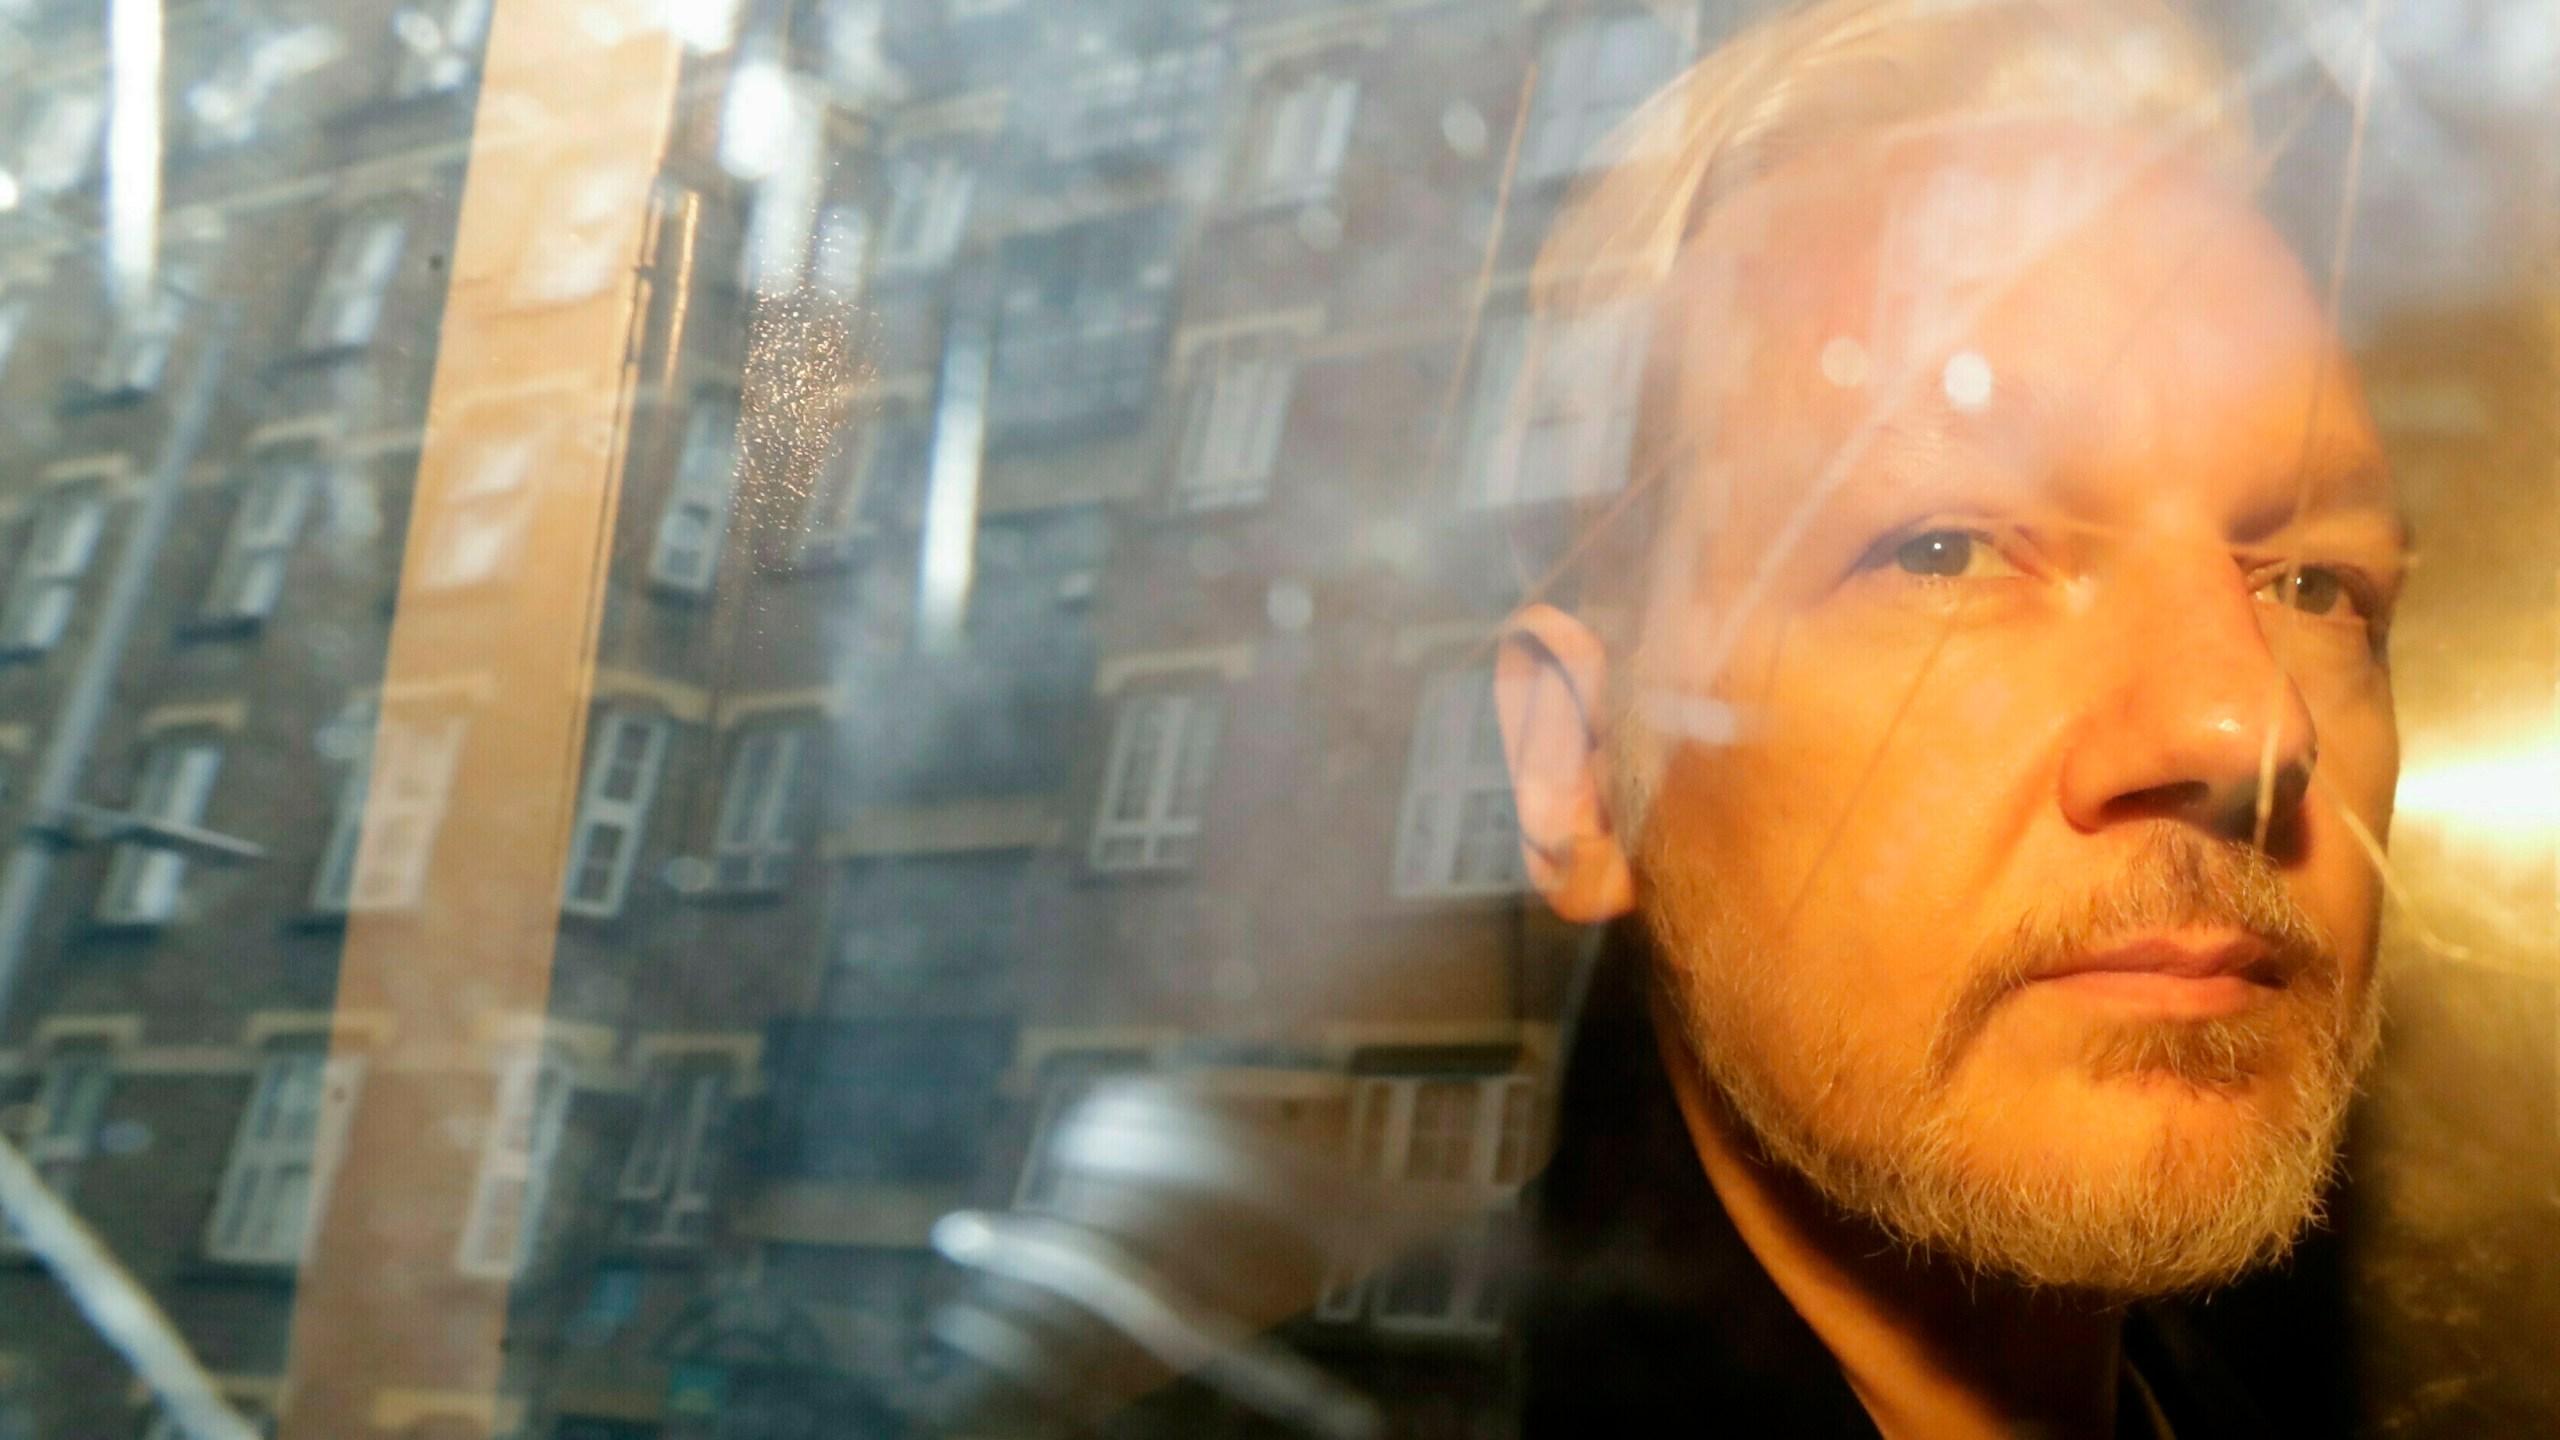 Britain_Sweden_Assange_72787-159532.jpg78256137